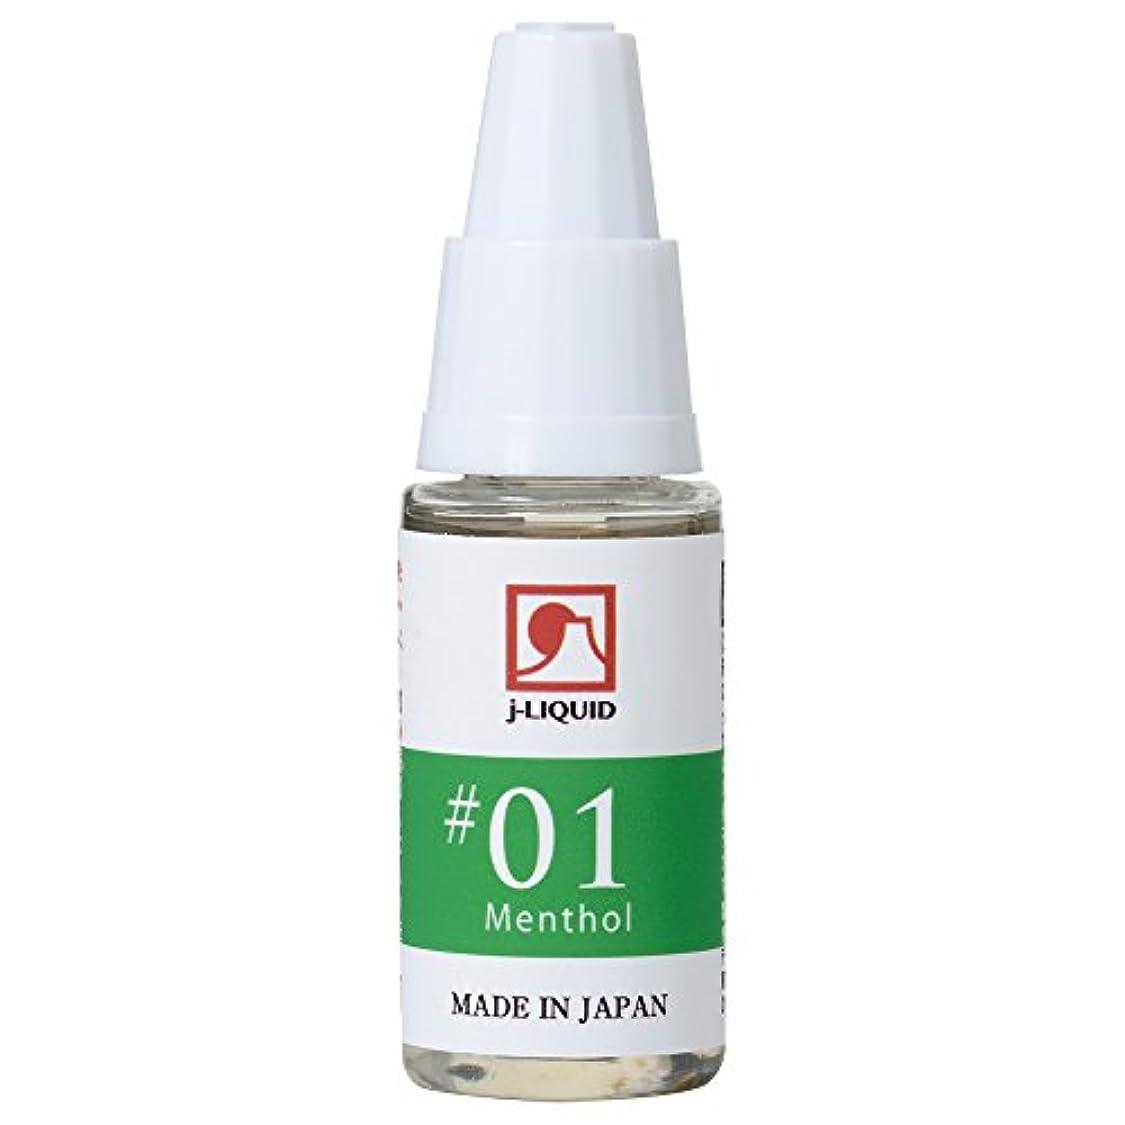 調査サーカス真夜中VP JAPAN 電子タバコ専用フレーバーリキッド J-LIQUID メンソール 10ml